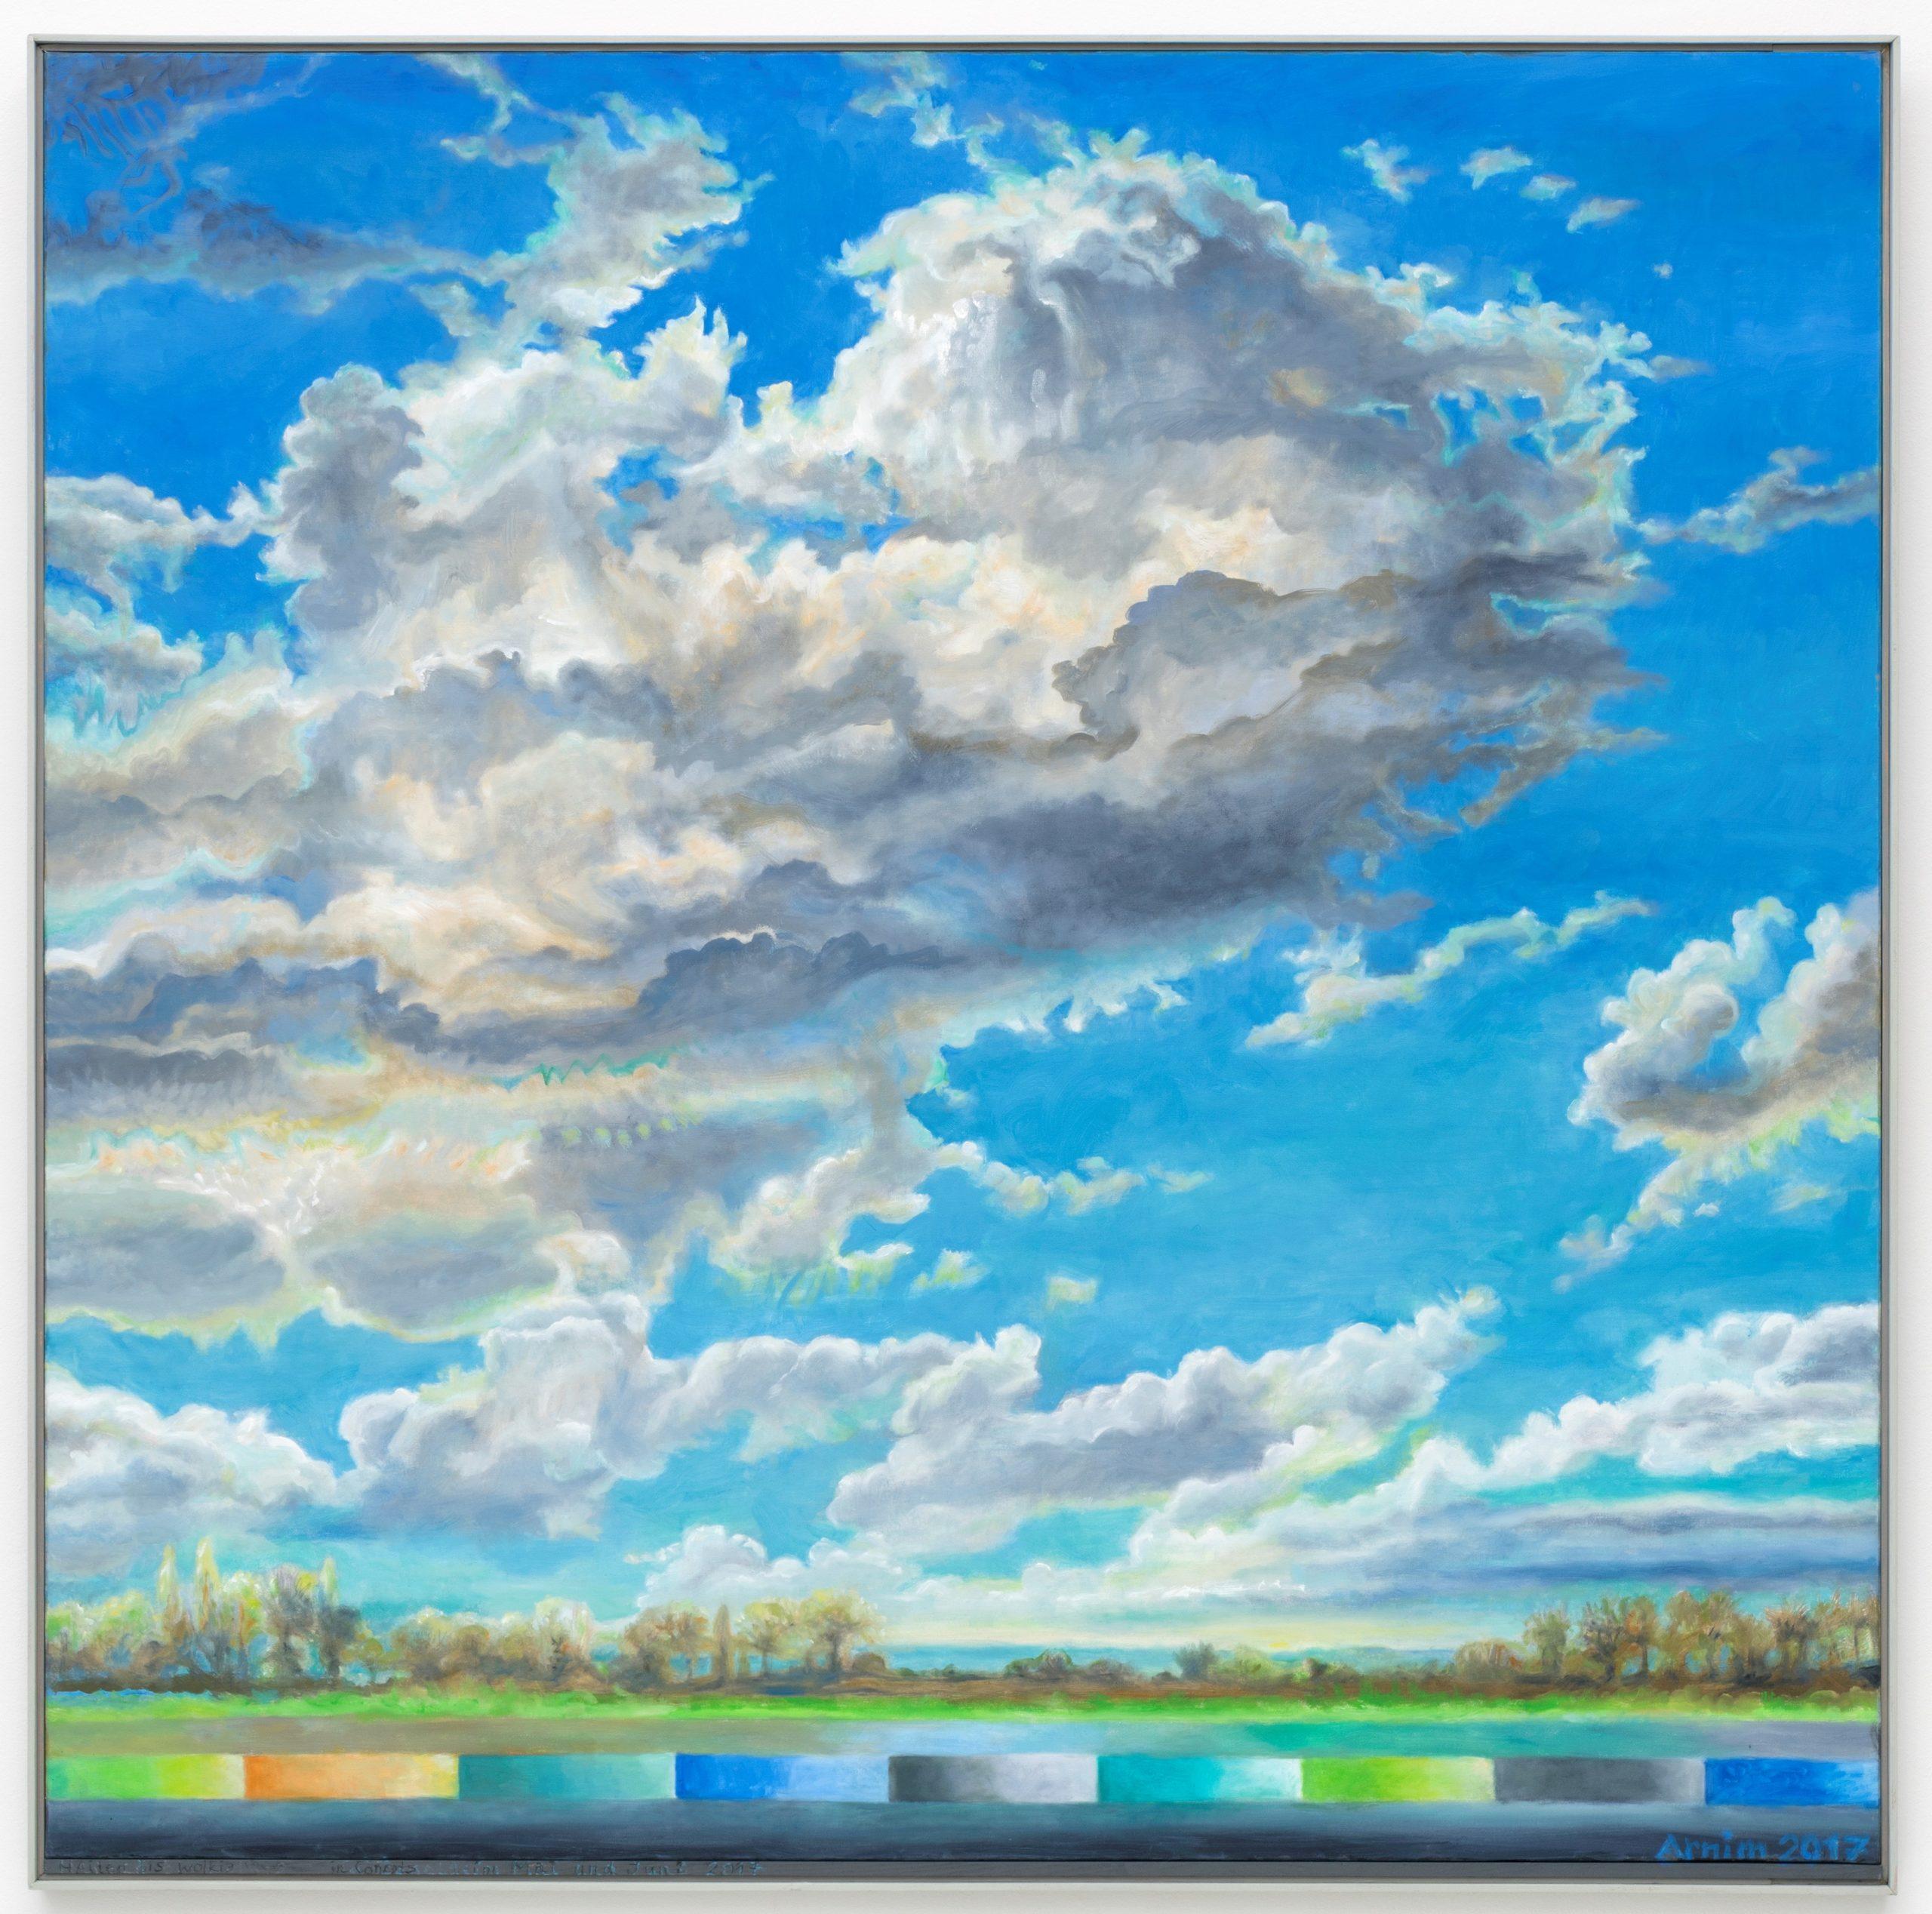 Bettina von Arnim, Sunny with Cloudy Intervals, 2017